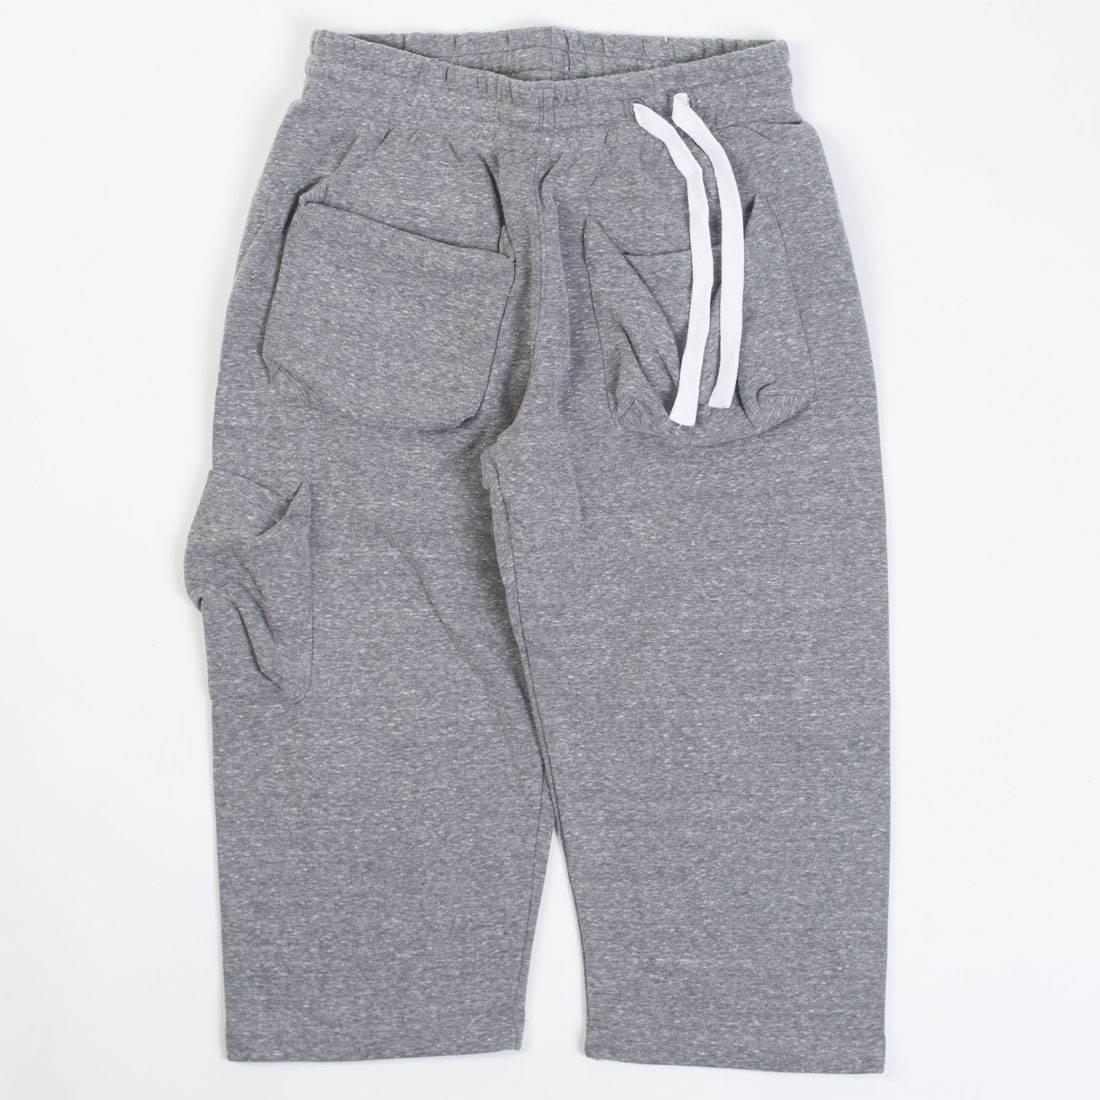 【海外限定】パンツ メンズファッション 【 CLOT MEN KUNG FU PANTS GRAY HEATHER 】